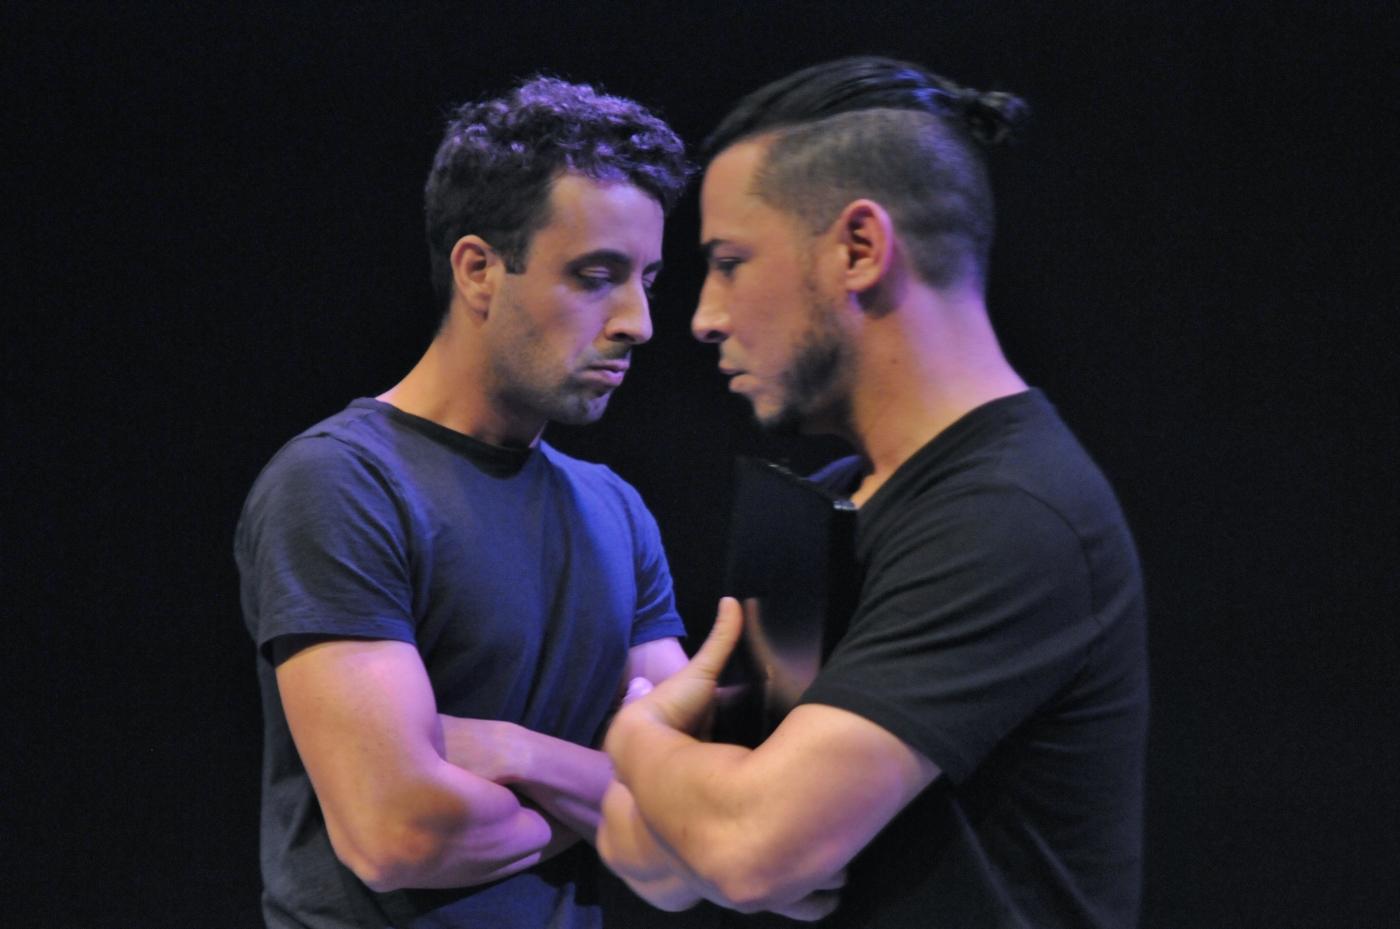 Yunier López y Leandro Peraza en 'Mal tiempo'. Fotos de Asela Torres.